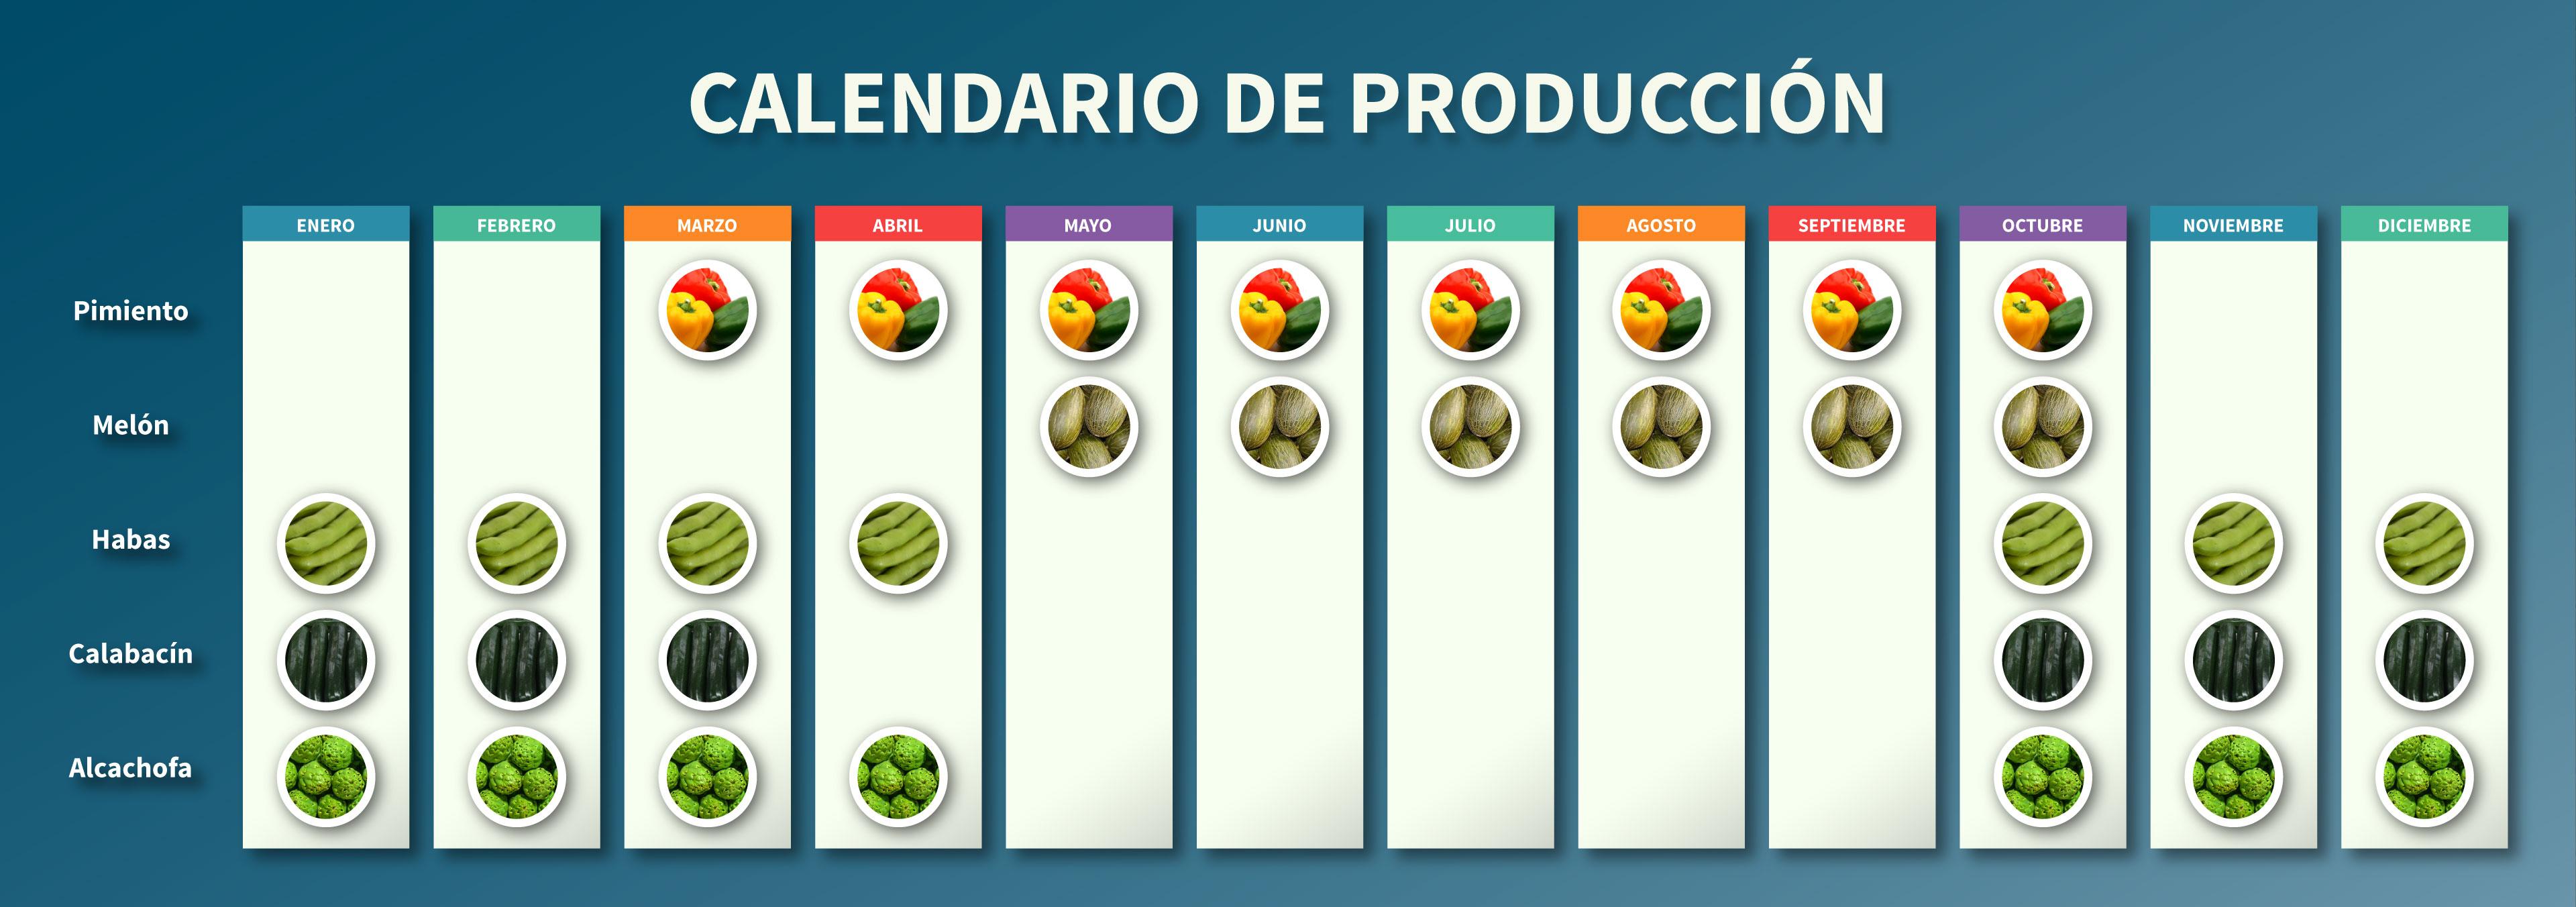 Calendario de producción 2-02